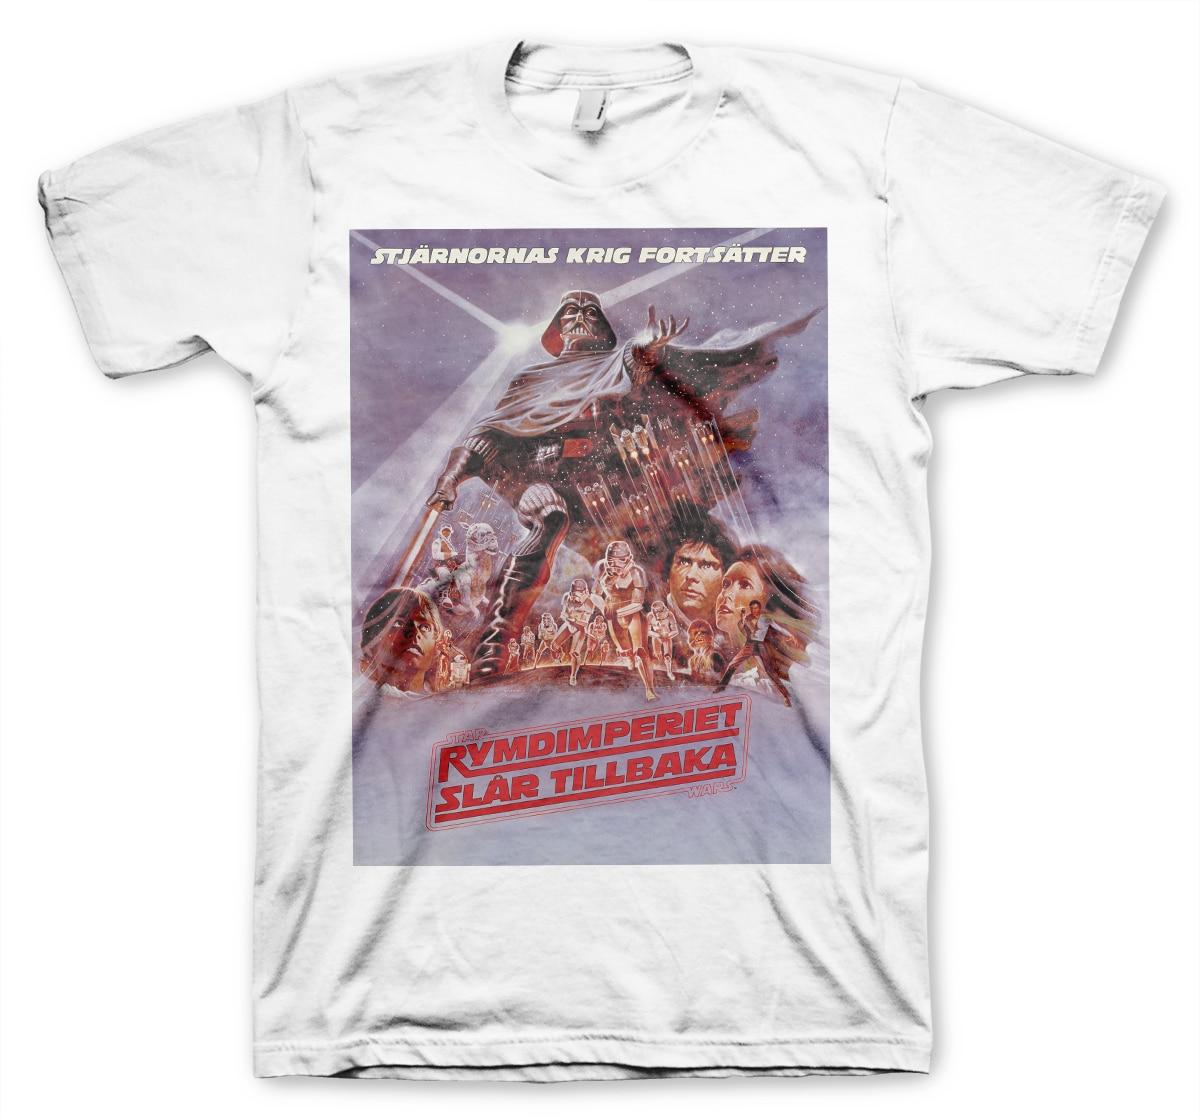 Rymdimperiet Slår Tillbaka T-Shirt